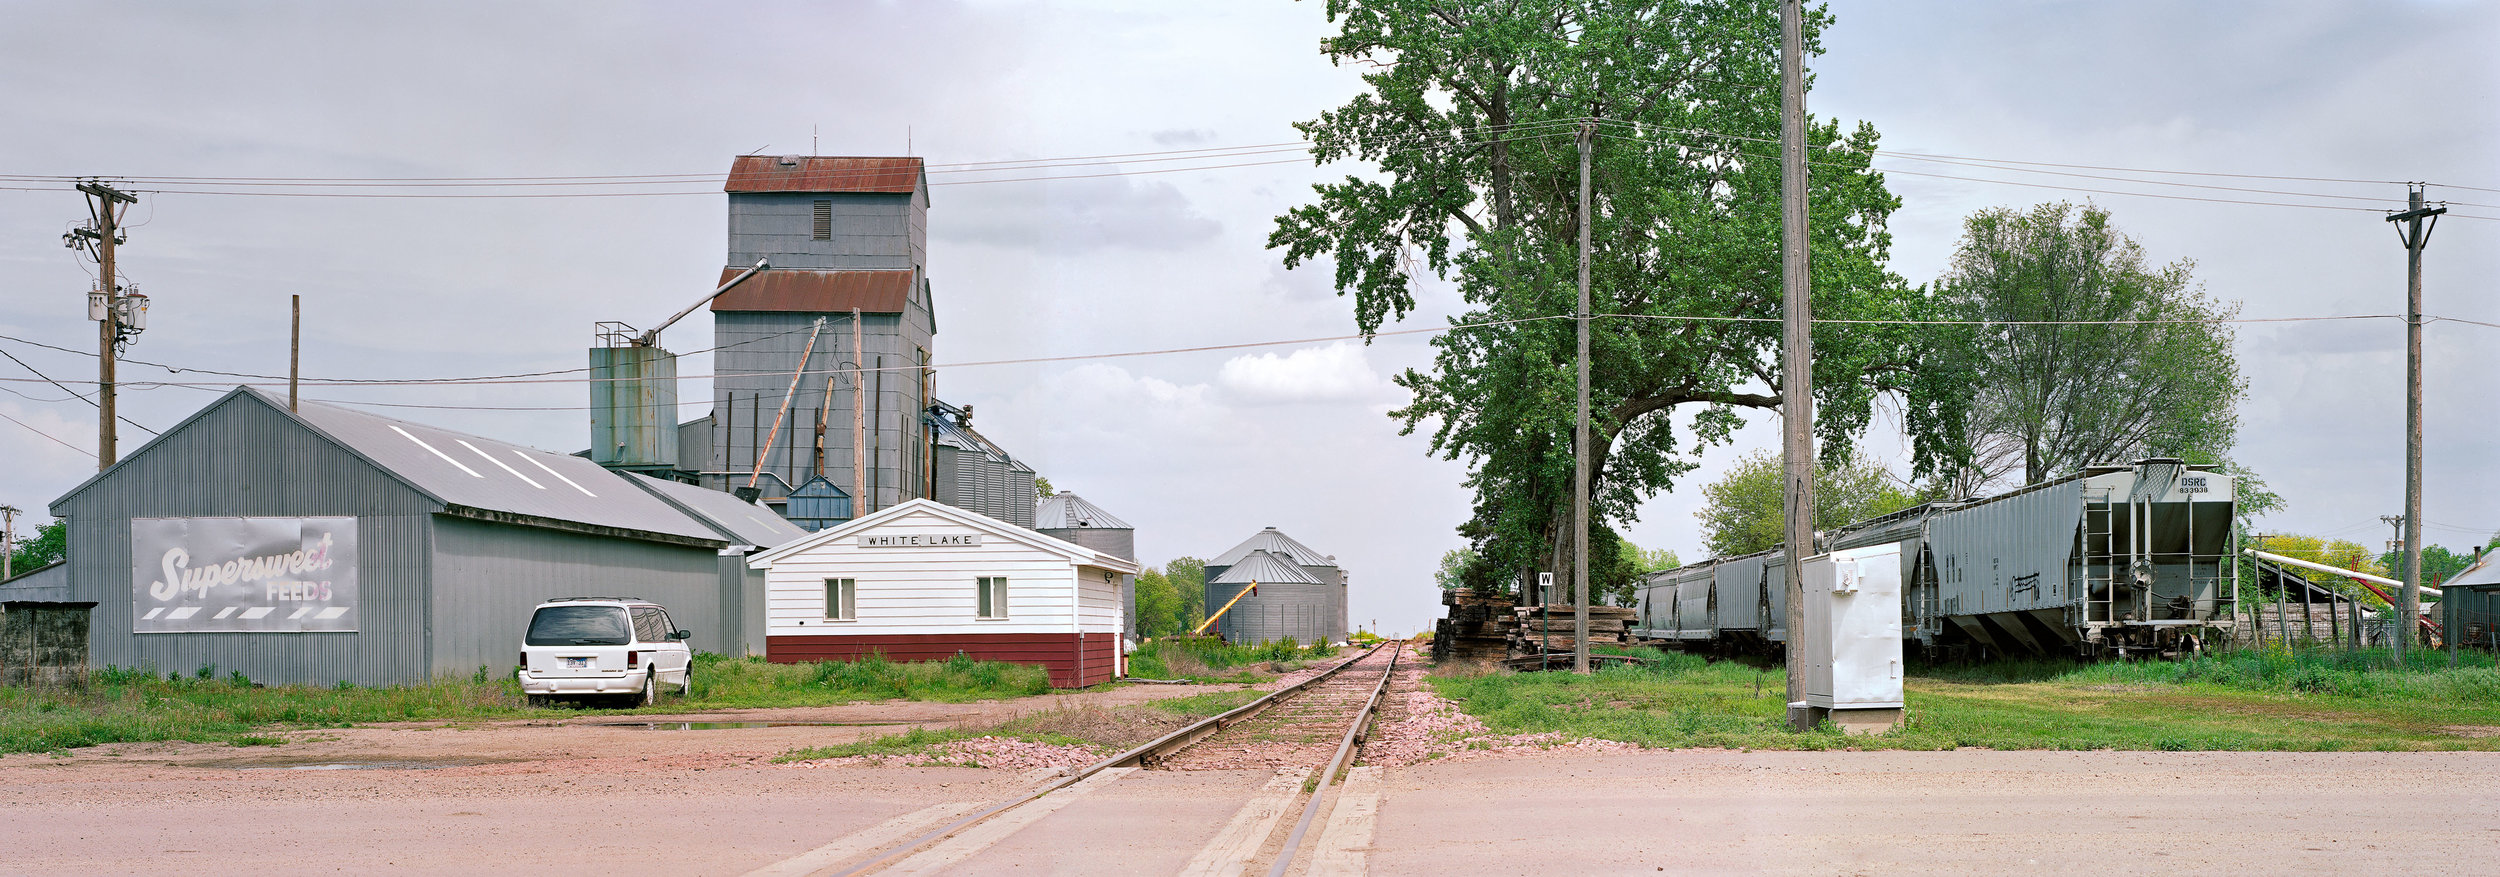 Depot, White Lake, South Dakota